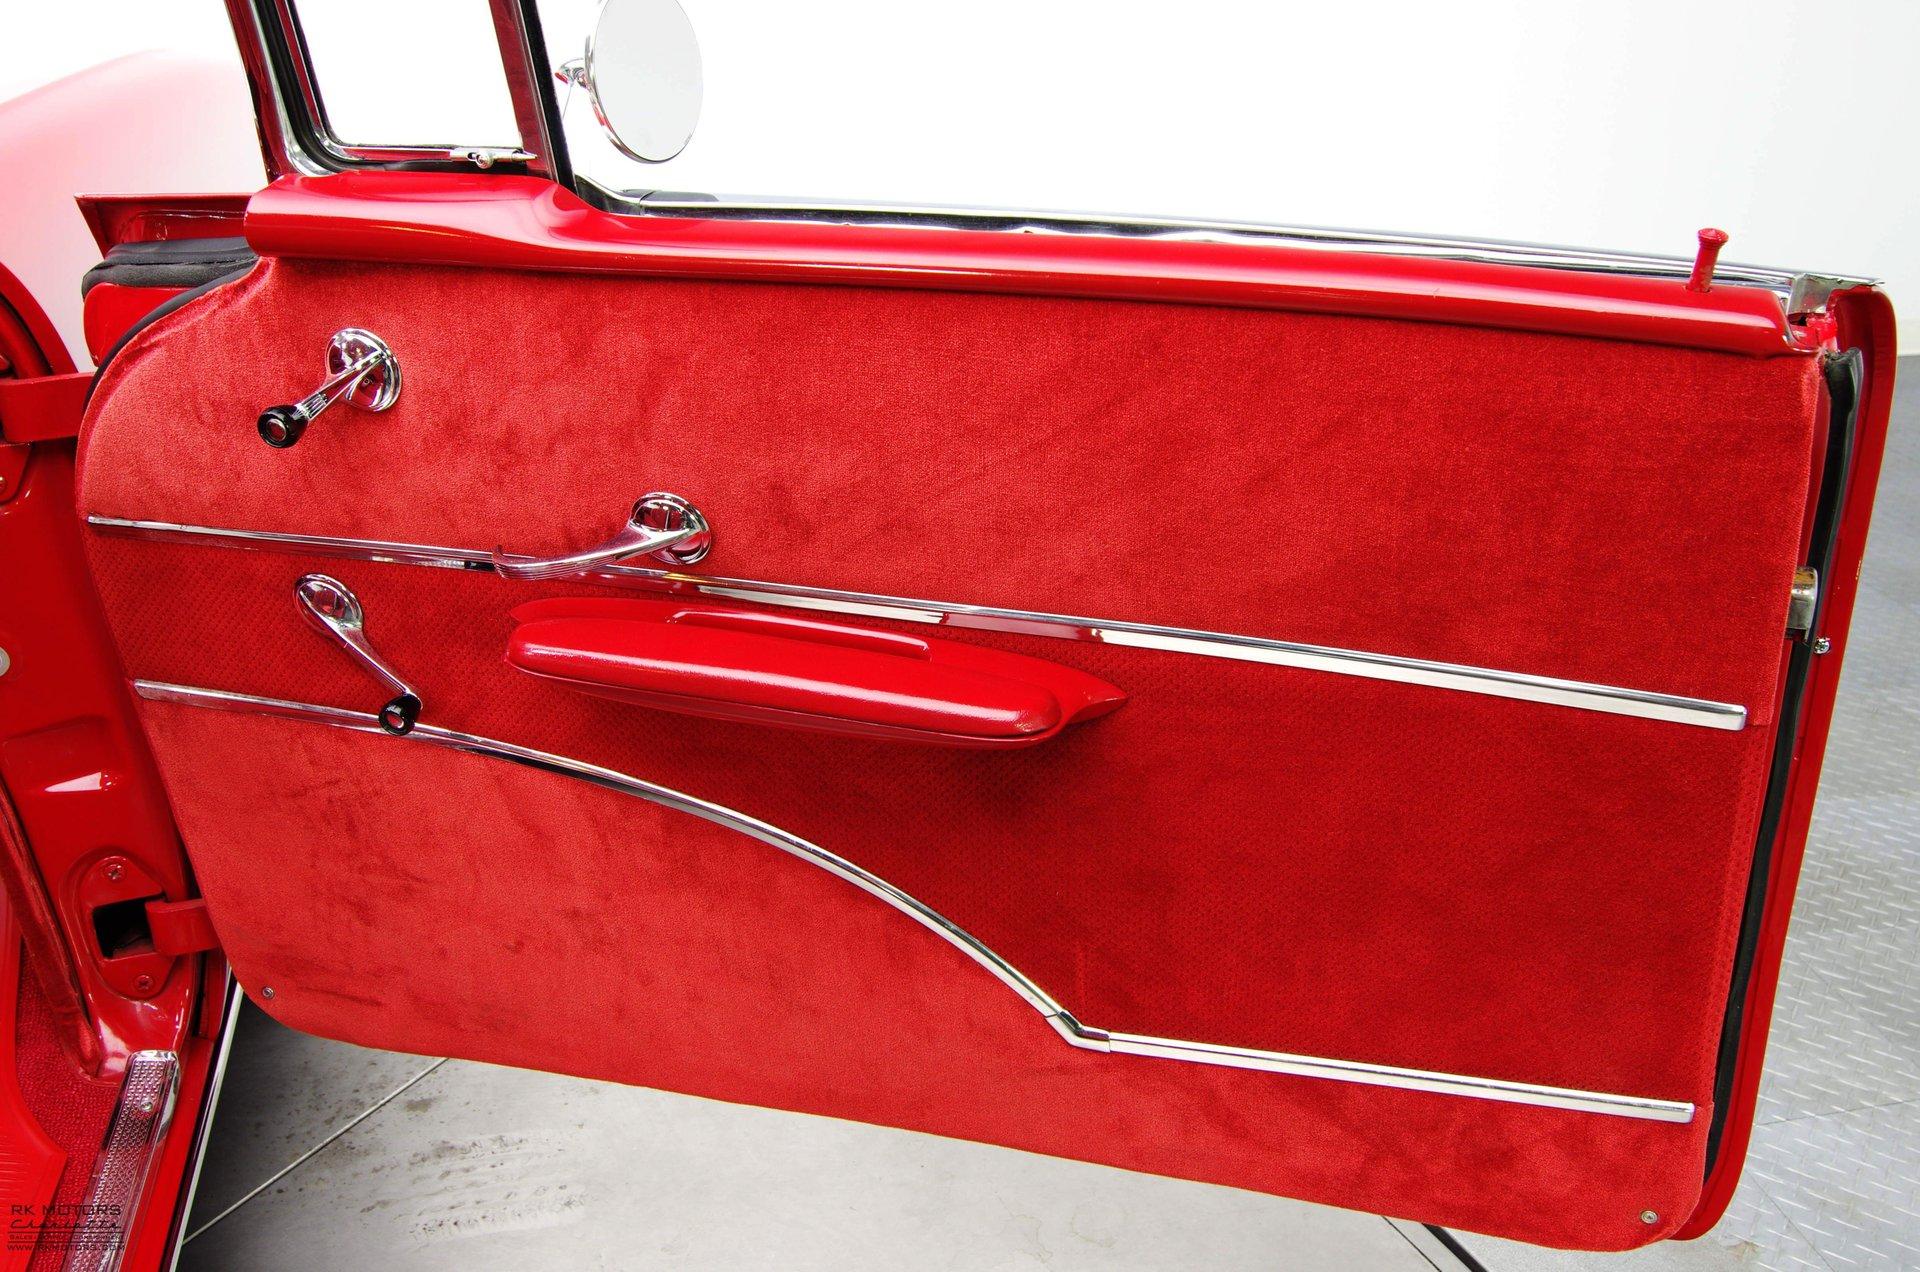 132634 1957 Chevrolet Bel Air RK Motors Classic Cars for Sale